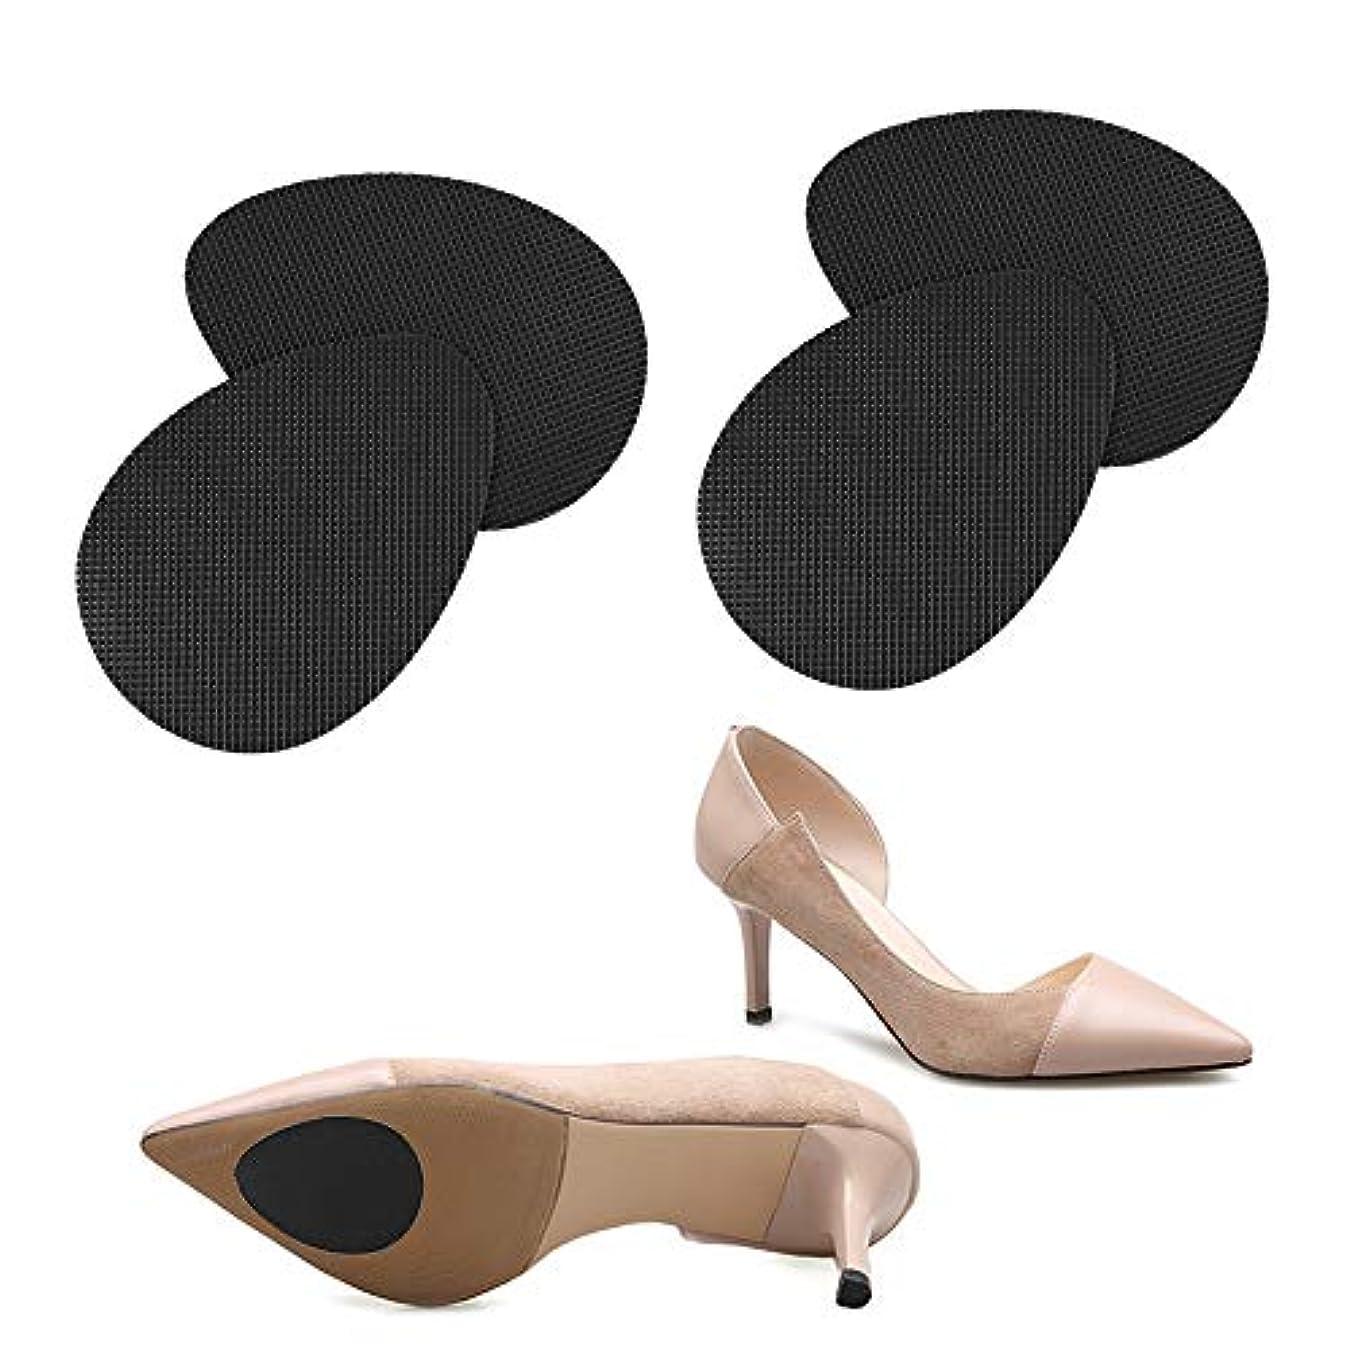 ビリーでもバーター靴 滑り止め ステッカー,LINECY 【スリップガード】靴保護 シート つま先&かかと 靴底補修 滑り止め (2足4枚いり)